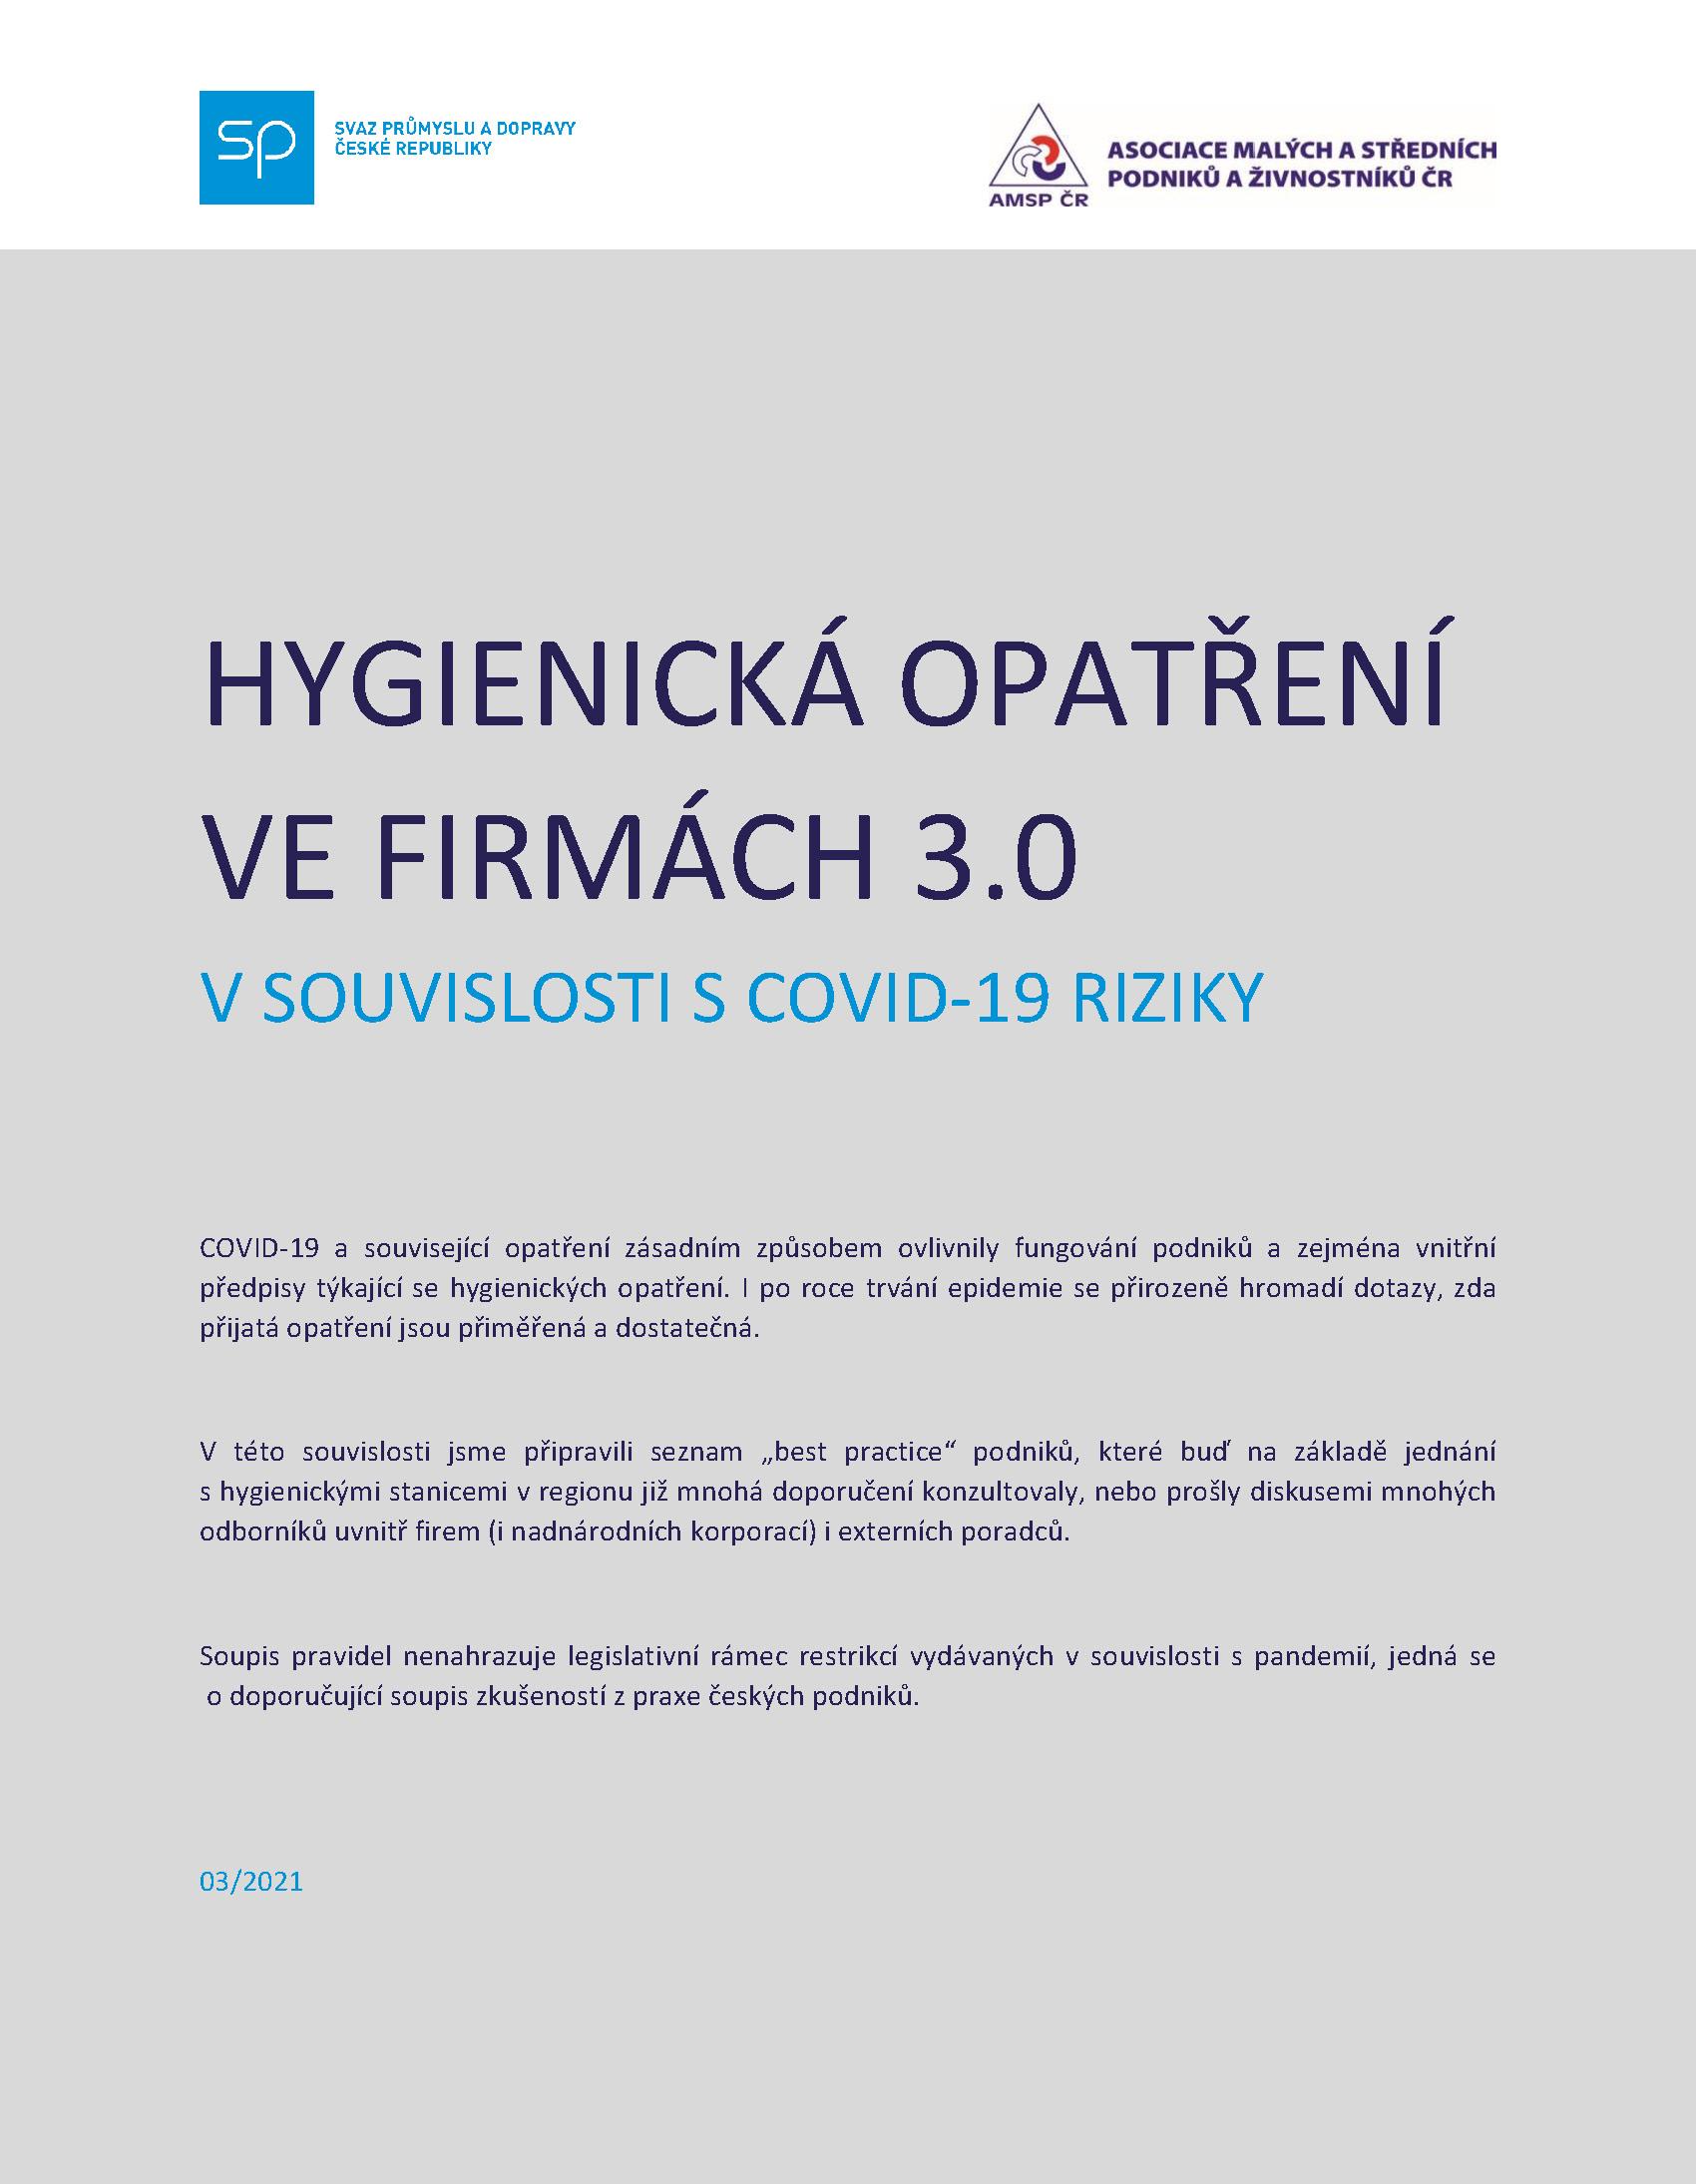 HYGIENICKÁ OPATŘENÍ VE FIRMÁCH 3.0 V SOUVISLOSTI S COVID-19 RIZIKY